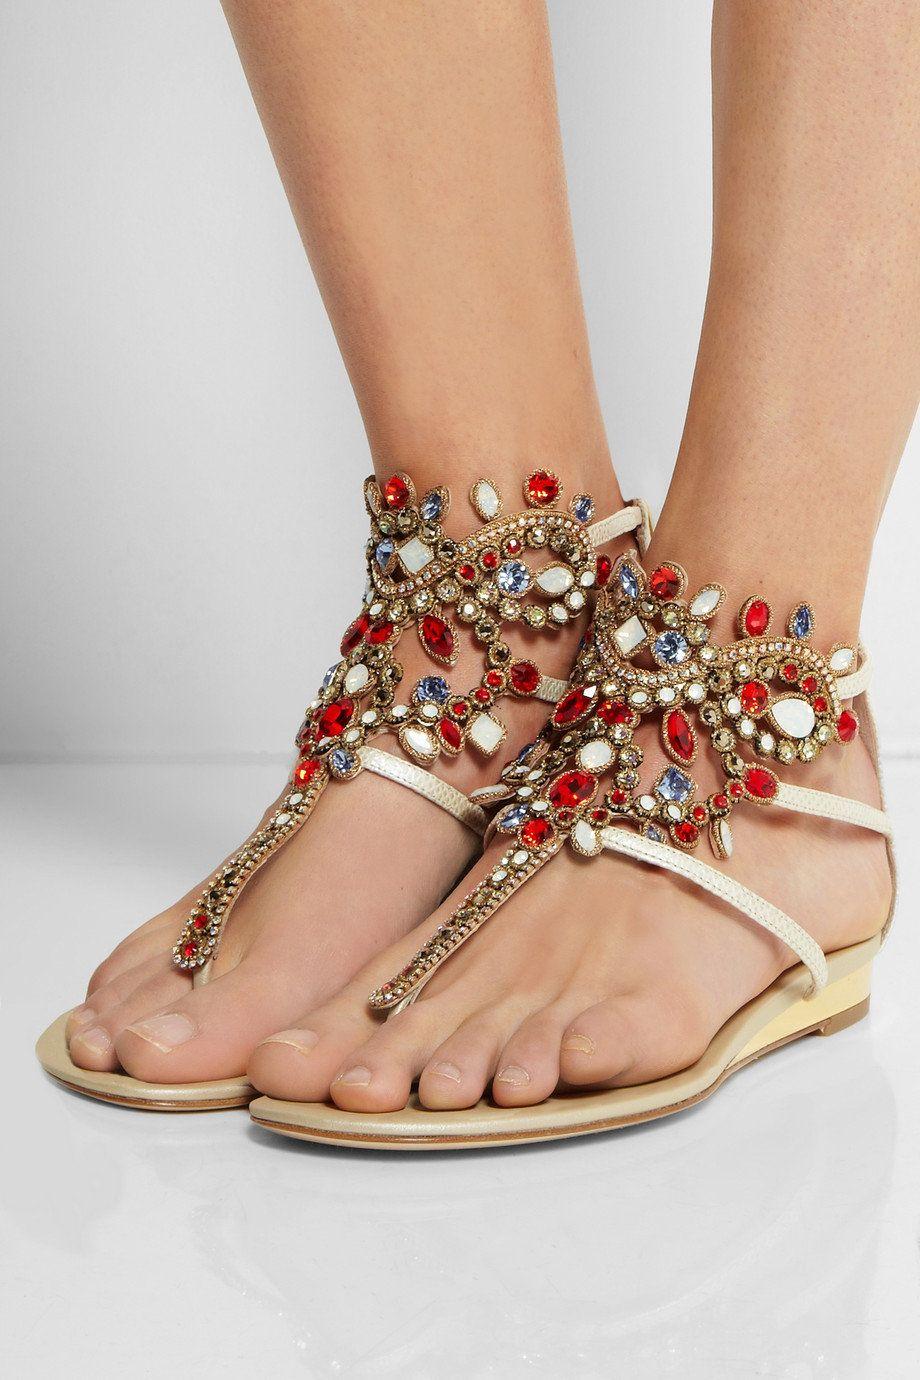 Lizard Skin sandals Spring/summer Rene Caovilla ju0YqrRa